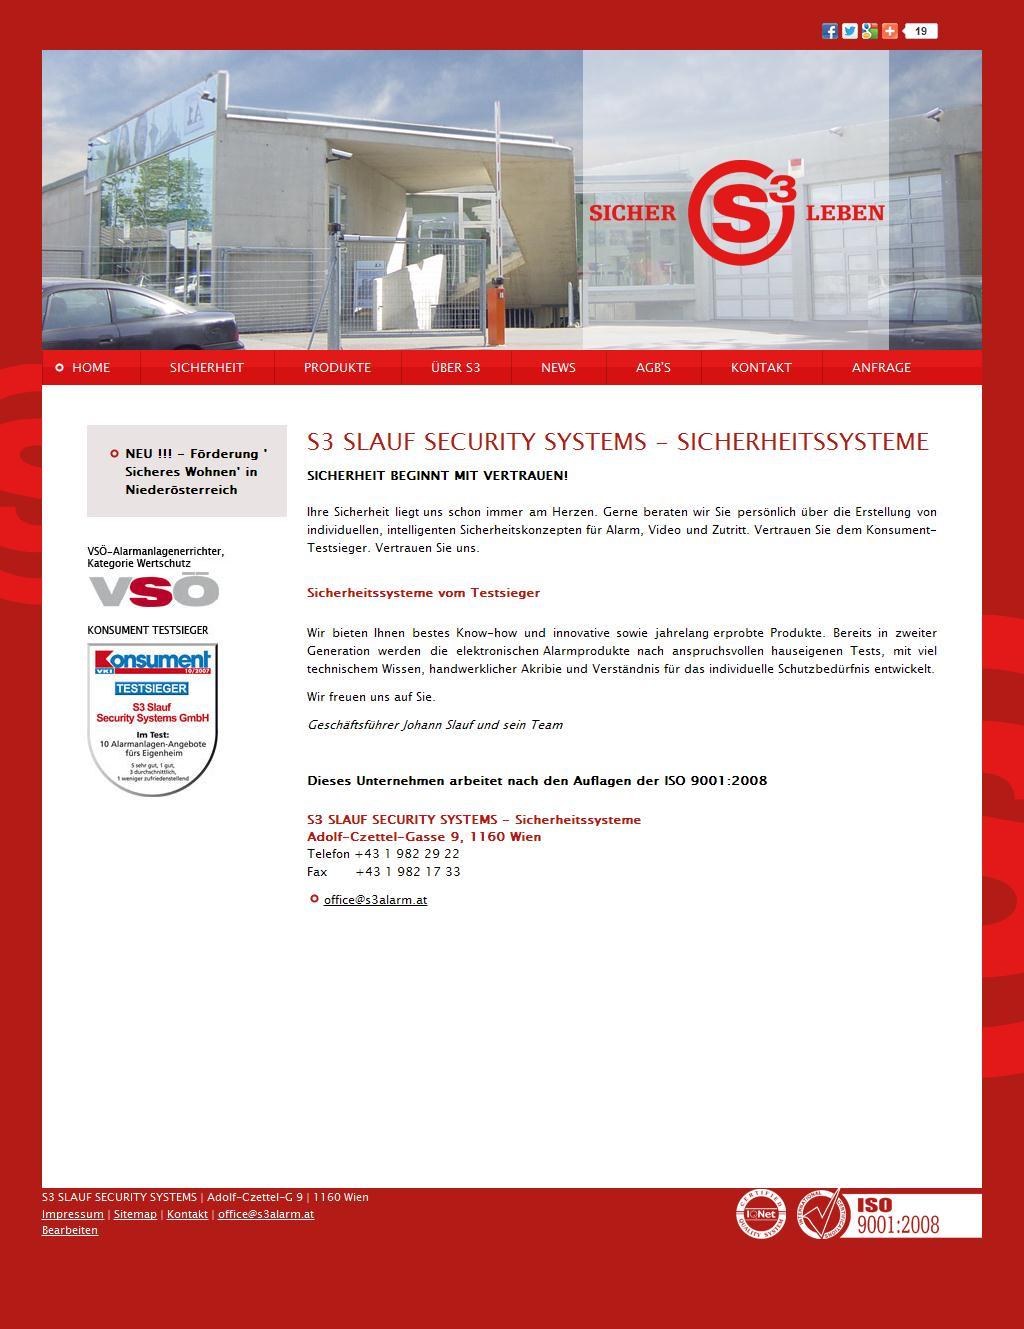 Sicherheitssysteme - S3 SLAUF SECURITY SYSTEMS